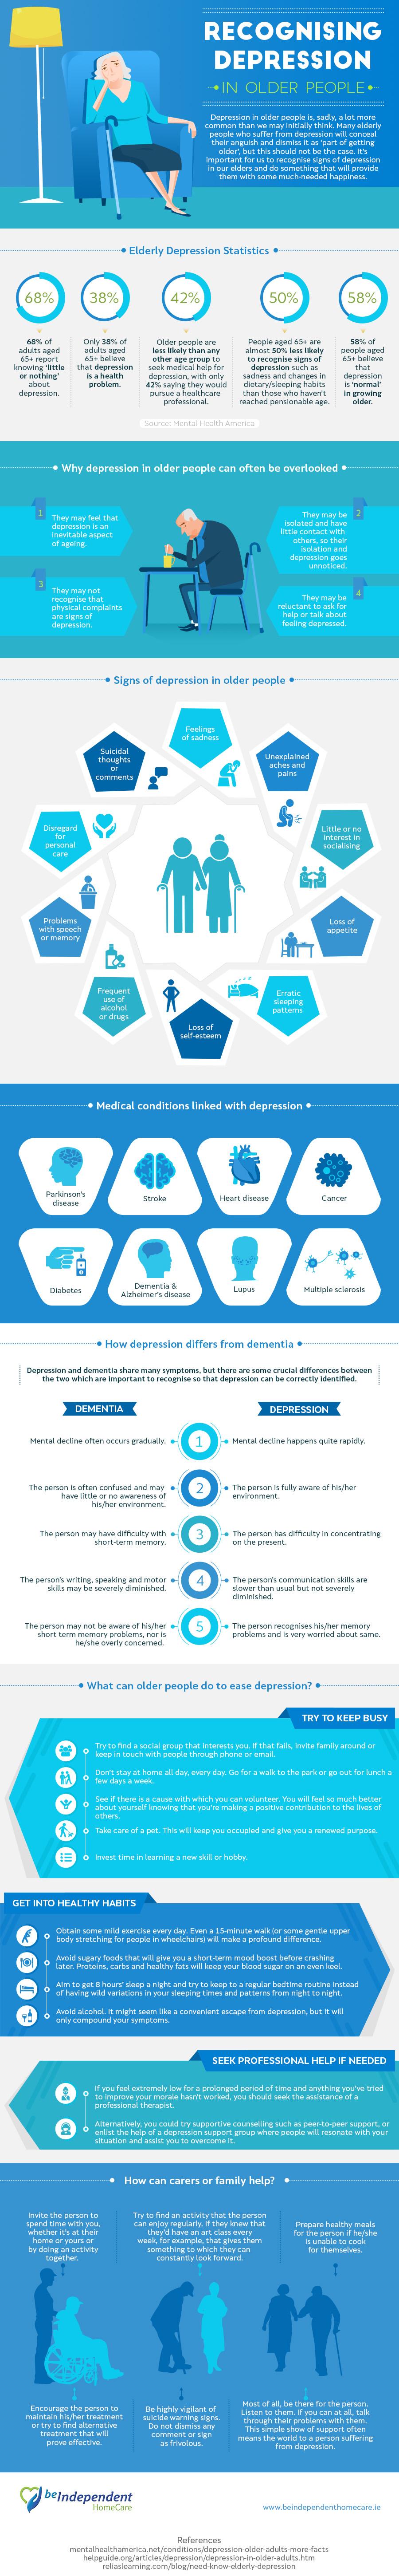 Recognising-Depression-in-Older-People.jpg